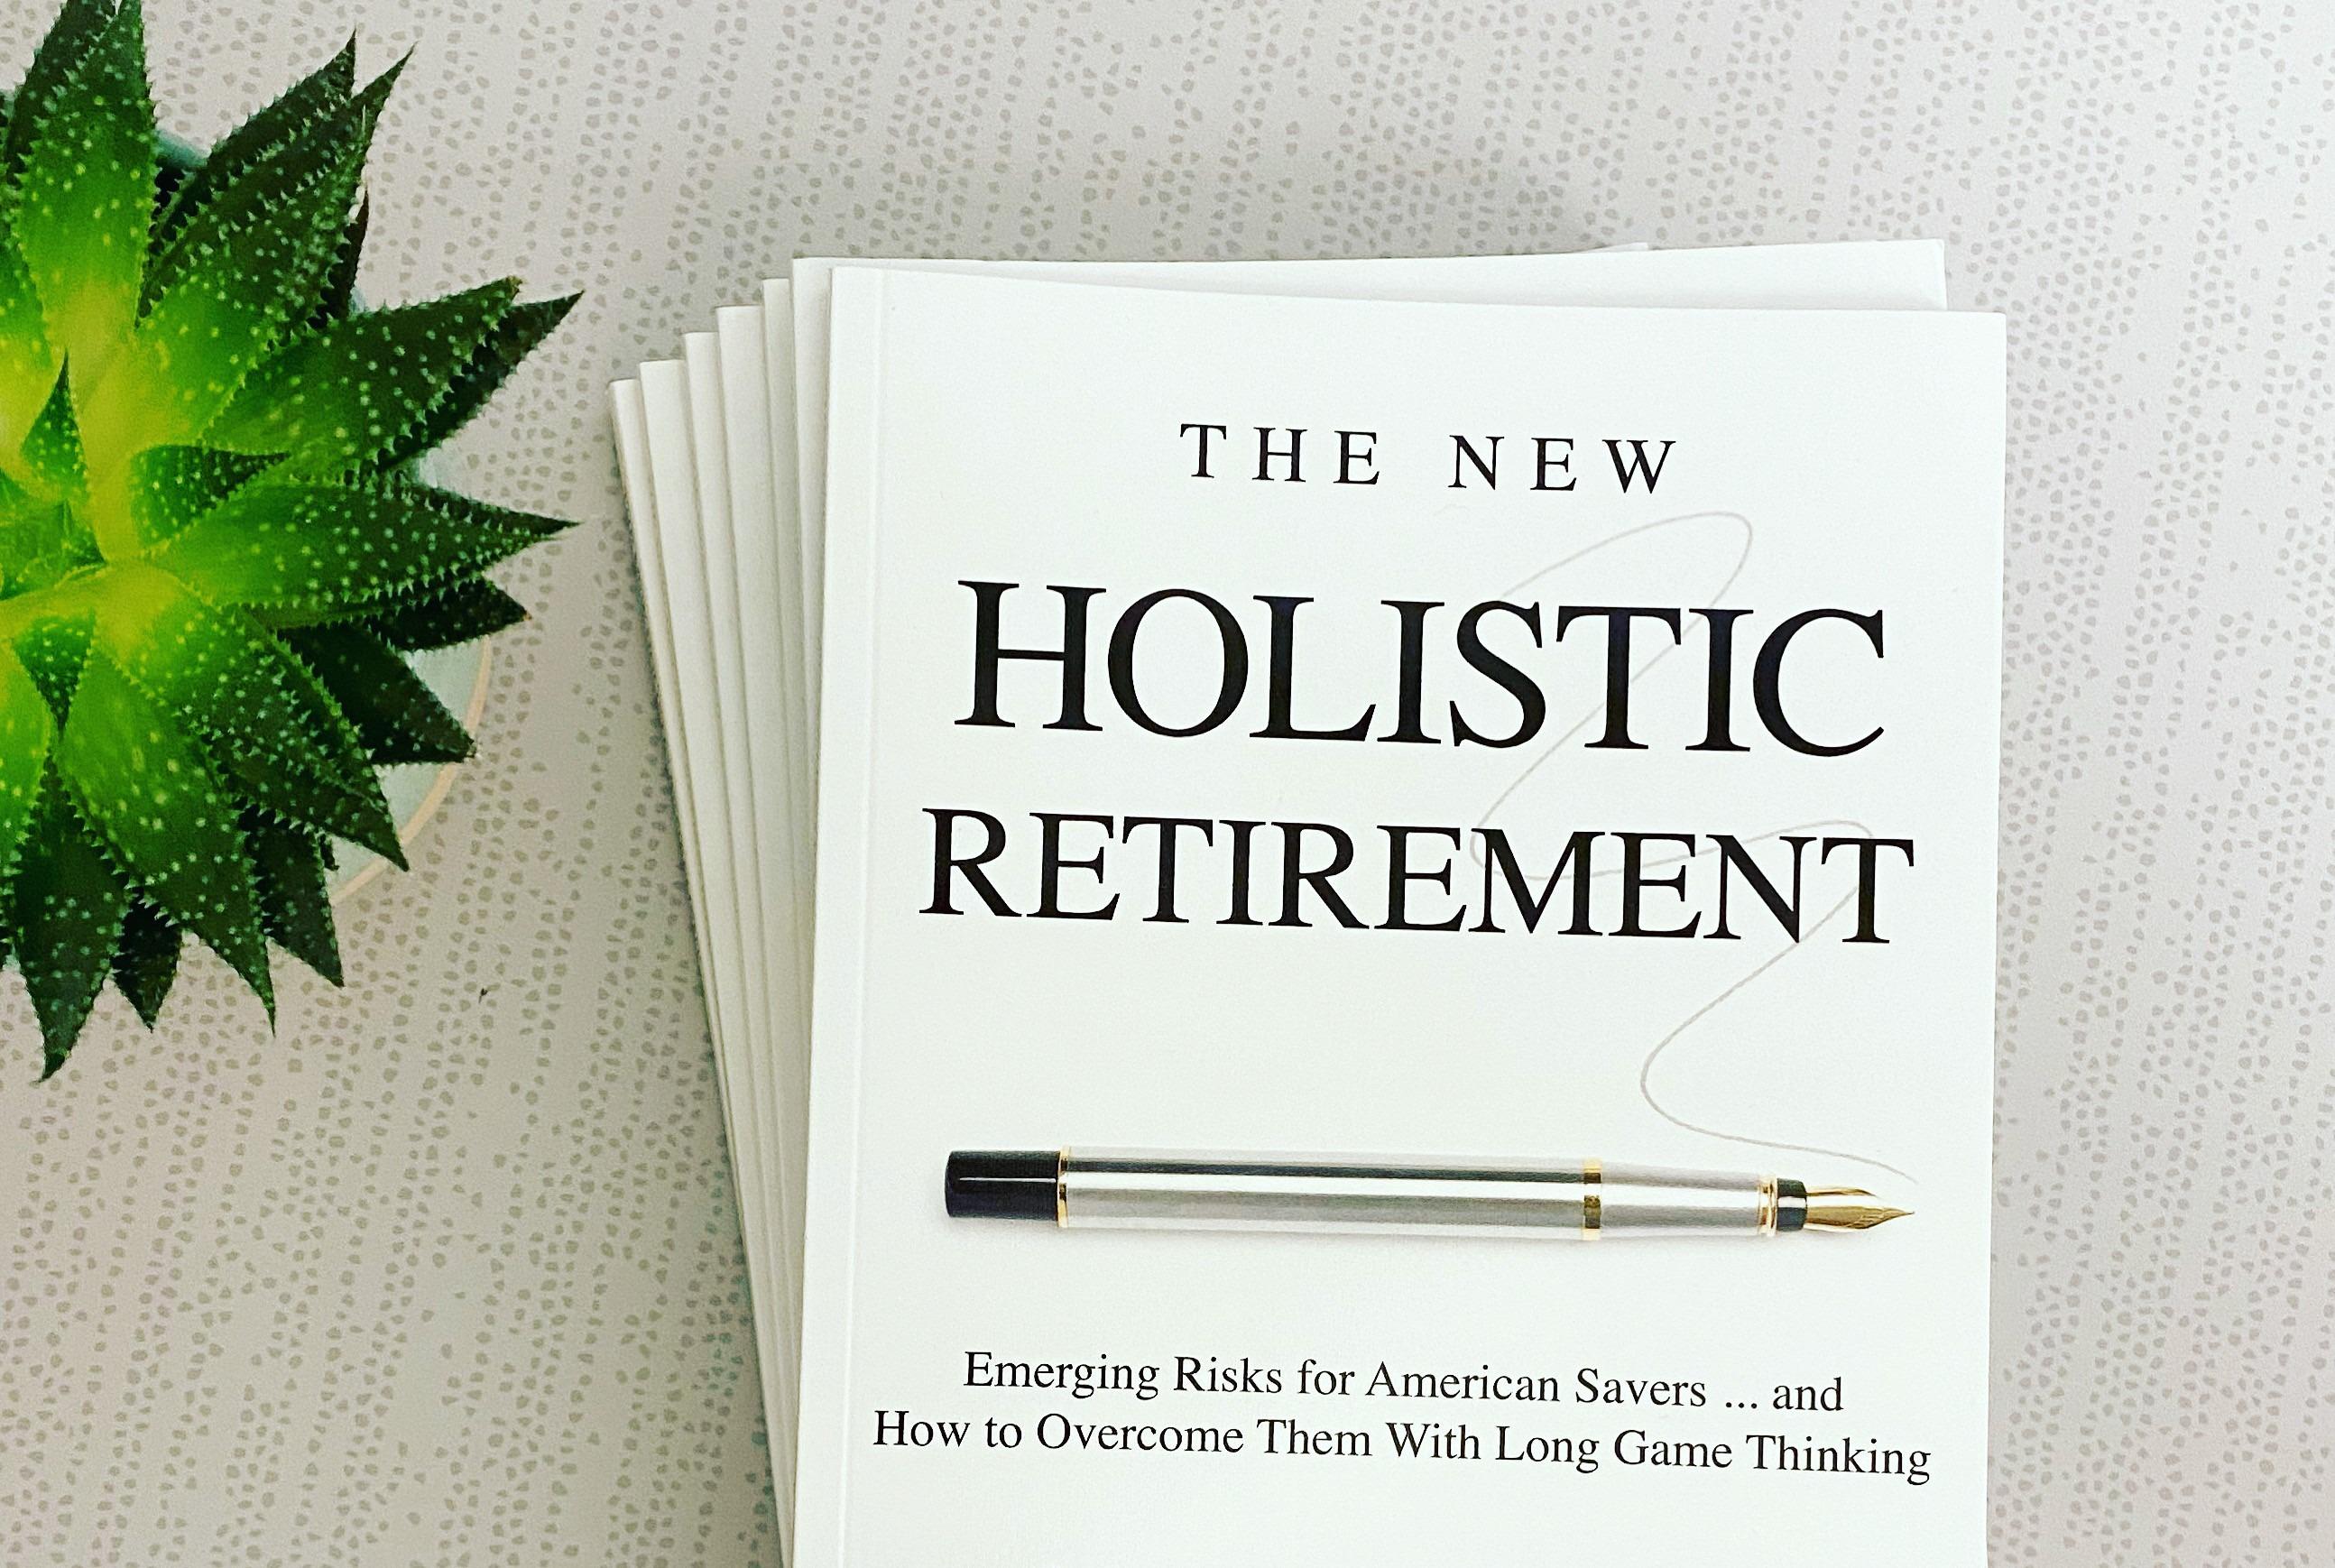 New Holistic